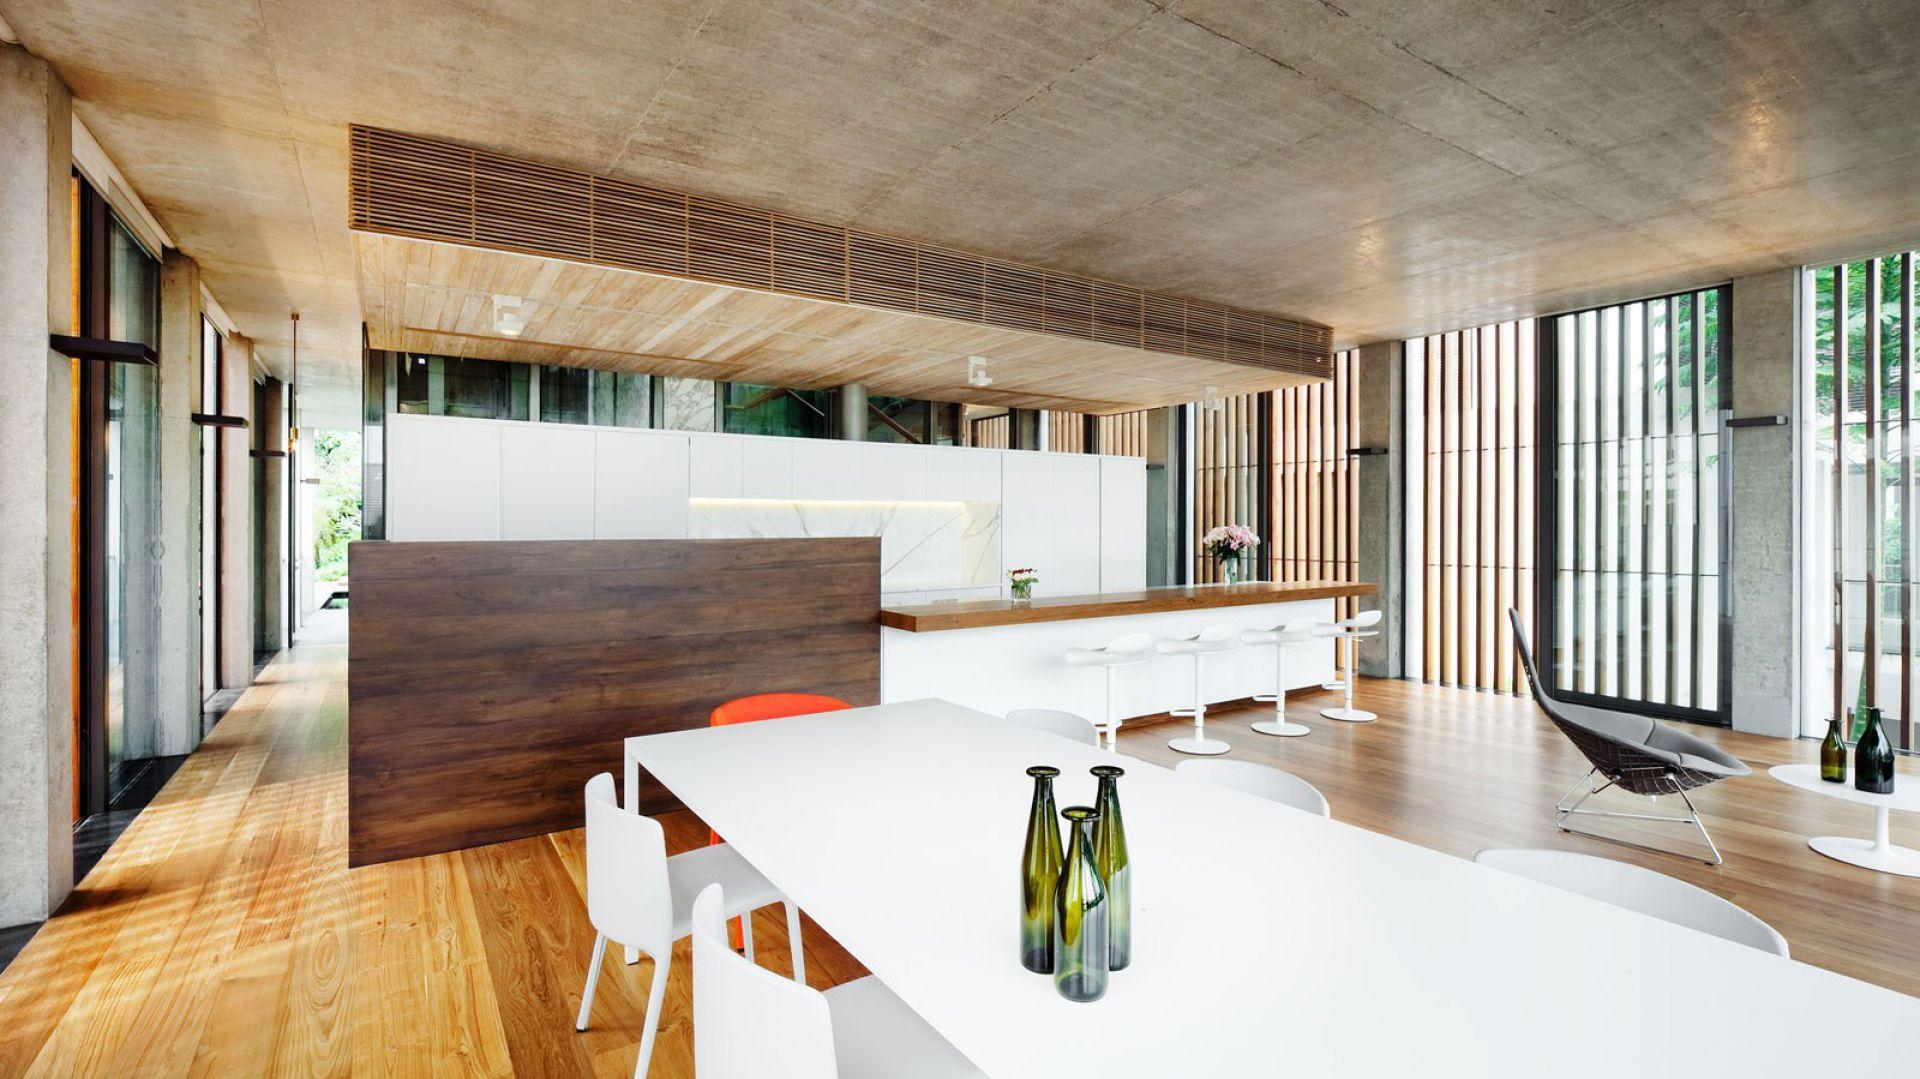 Chłód bieli doskonale równoważy ciepło drewna. W tej kuchni takie zestawienie prezentuje się niezwykle elegancko i z klasą. Projekt: Nicholas Burns. Fot. Nicholas Burns.